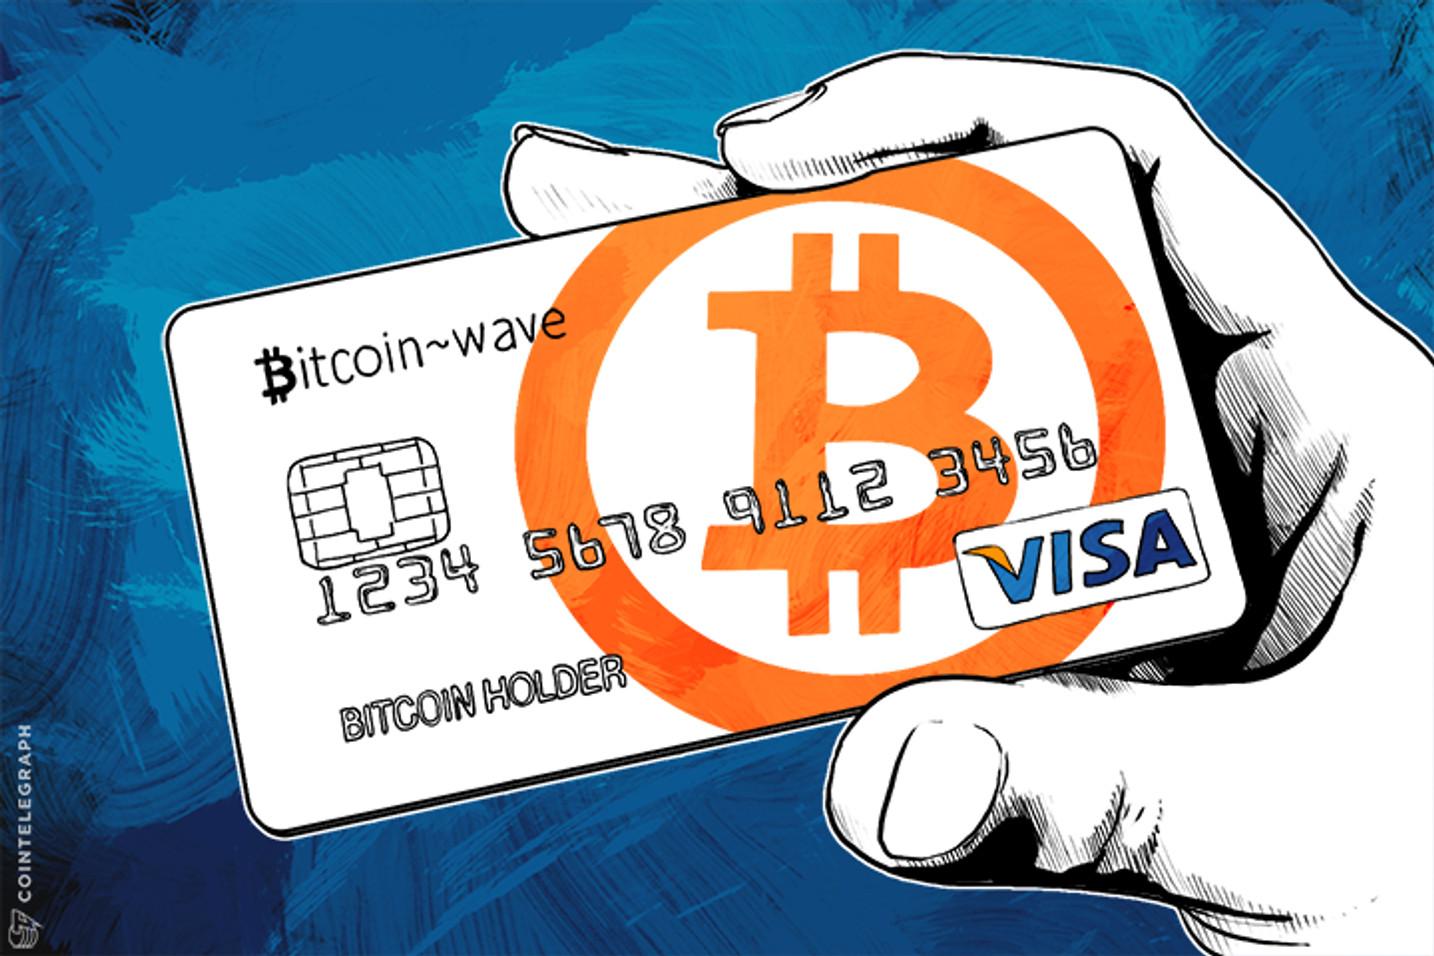 Bitcoin-Wave Announces Bitcoin Debit Card